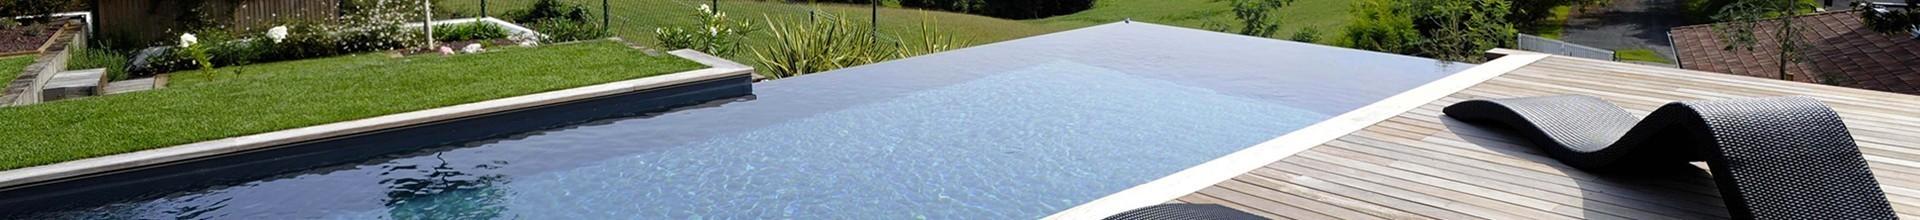 ✅ Rhône Alpes Kit piscine béton Ardèche. Fabricant d'une piscine